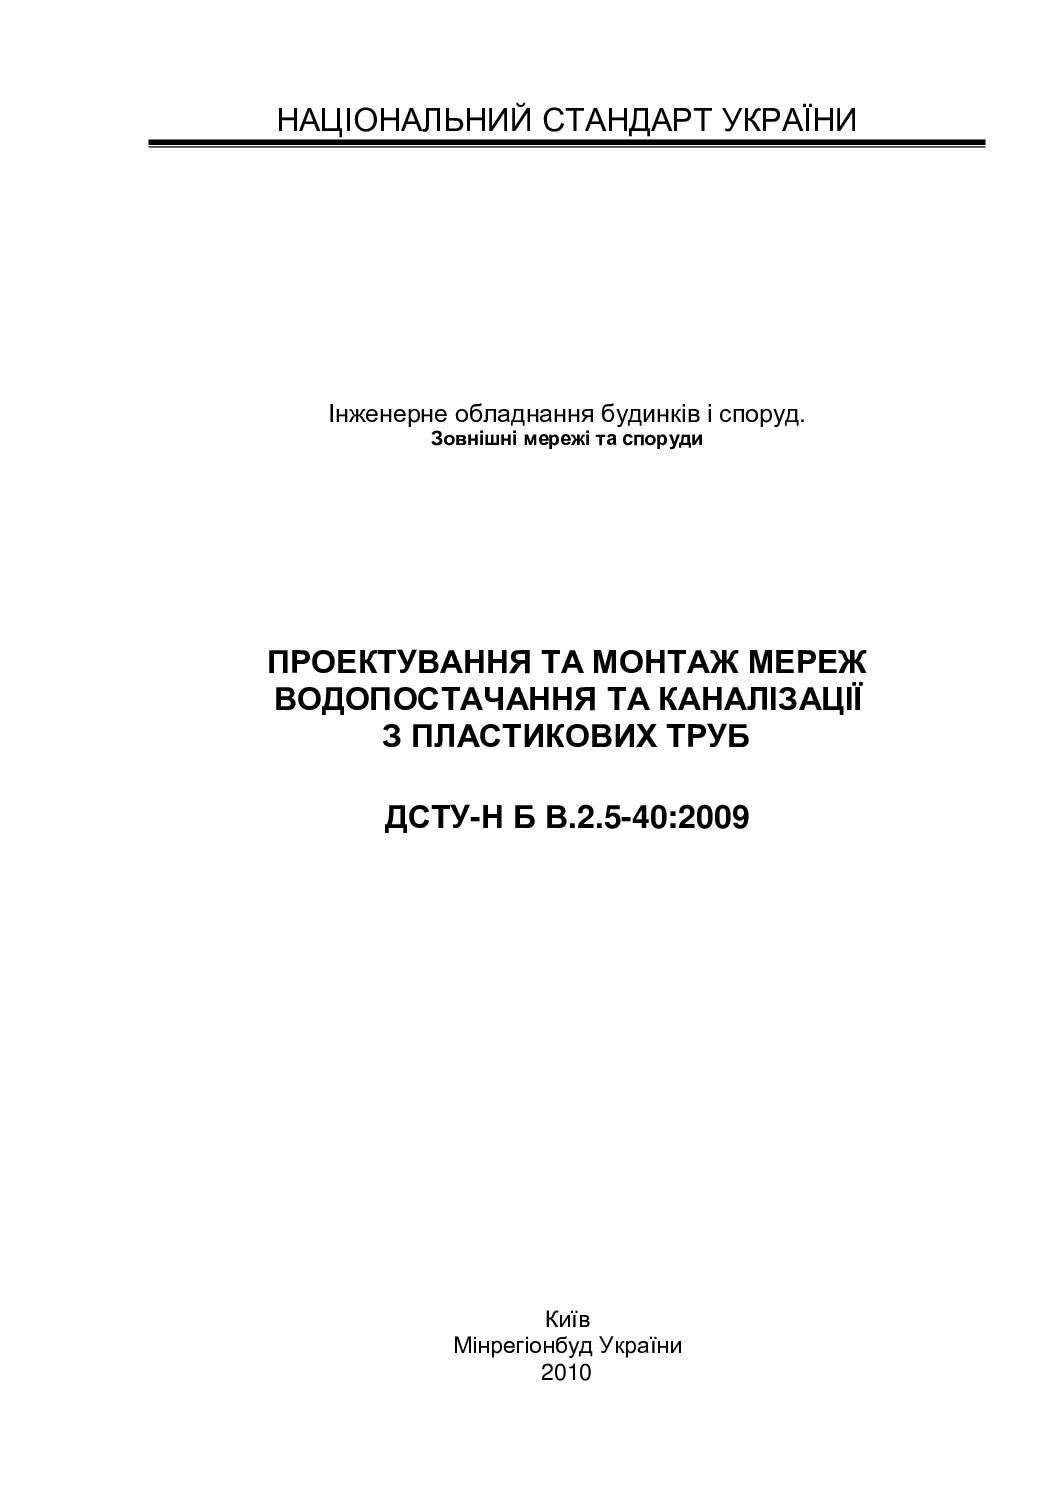 ДСТУ Б.В.2.5-40-2009